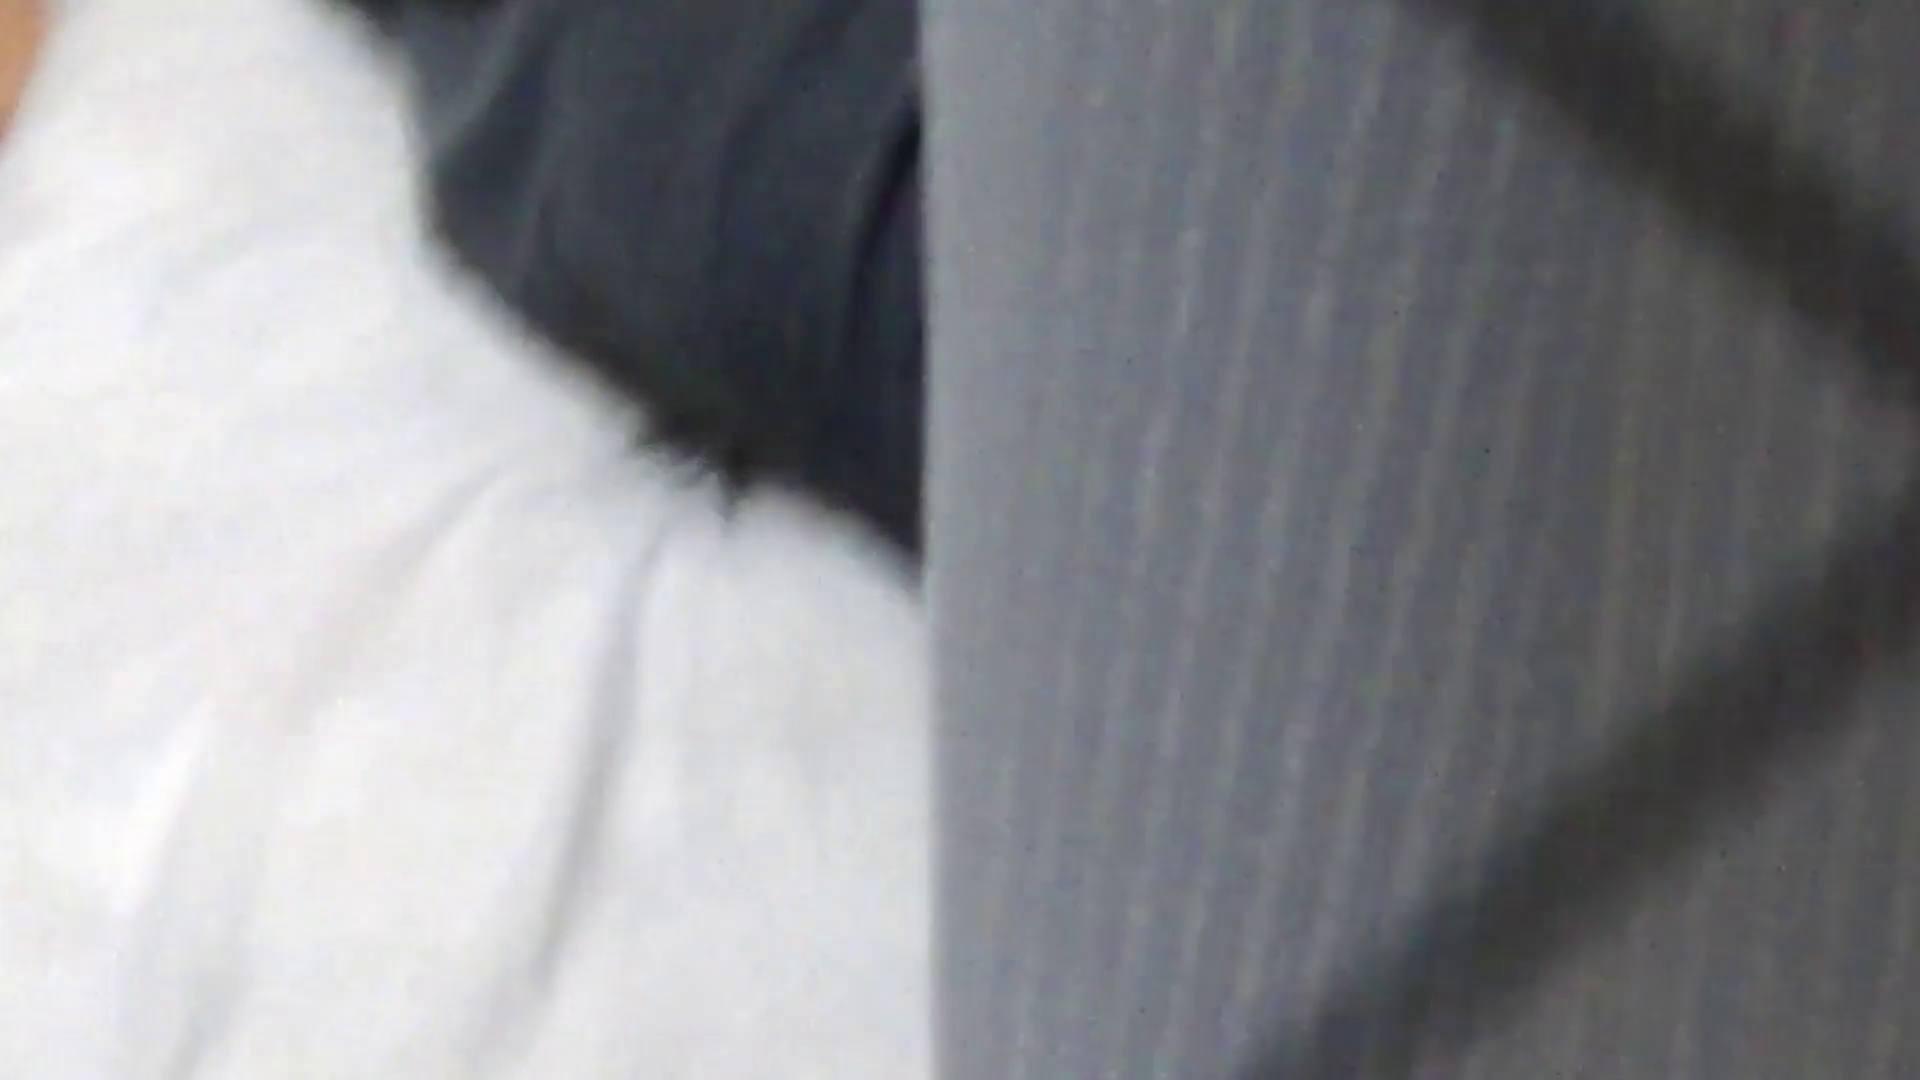 巨根 オナニー塾Vol.16 オナニー アダルトビデオ画像キャプチャ 106枚 7